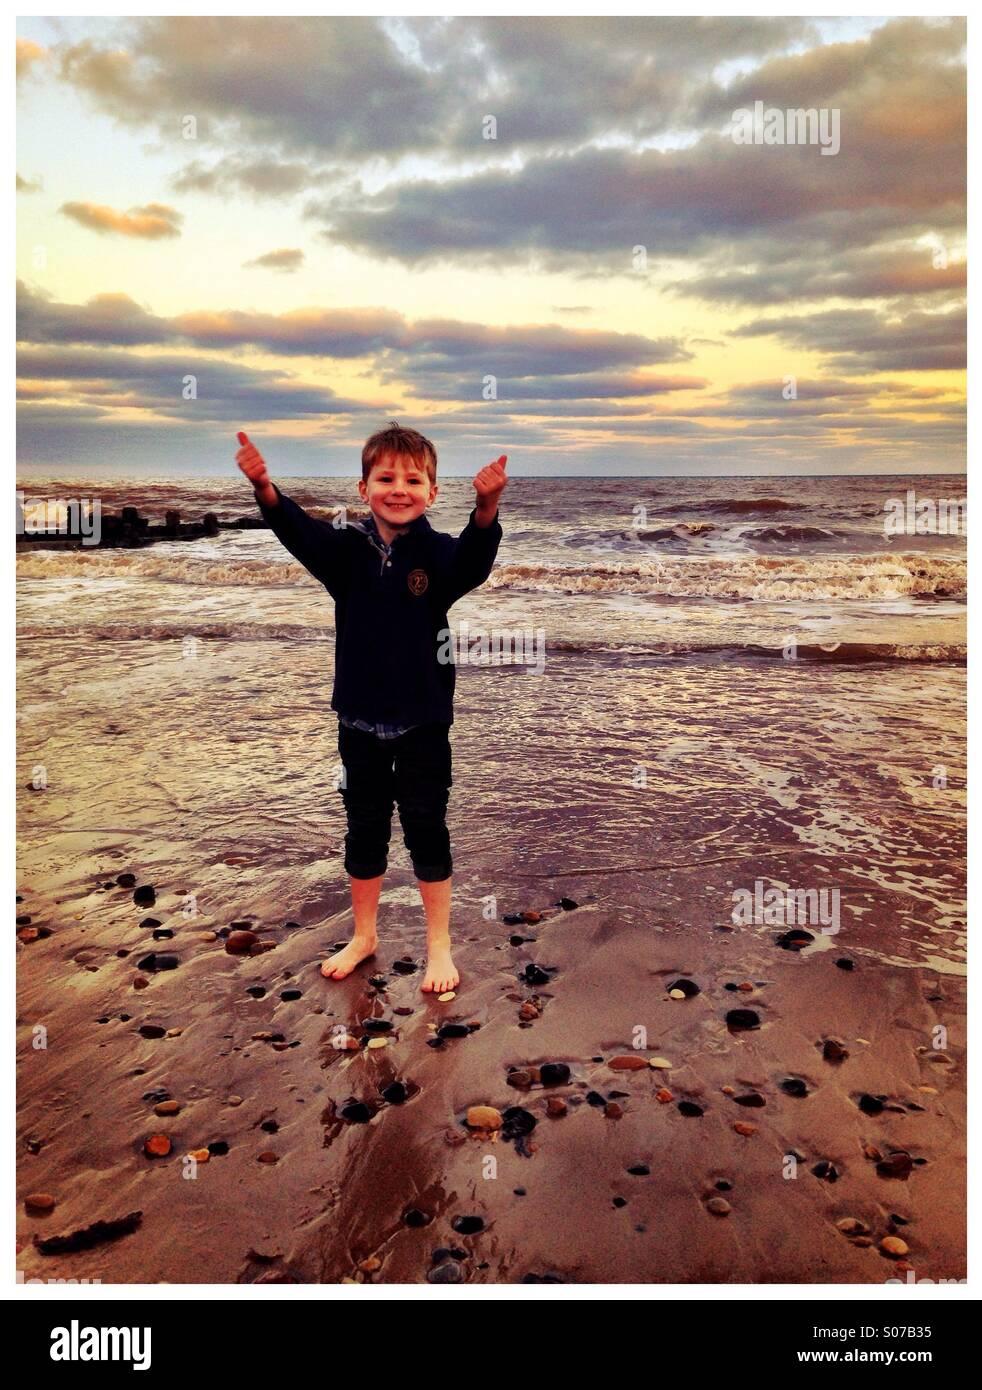 Big Sky, spiaggia grande, piccolo ragazzo. Hornsea. Immagini Stock